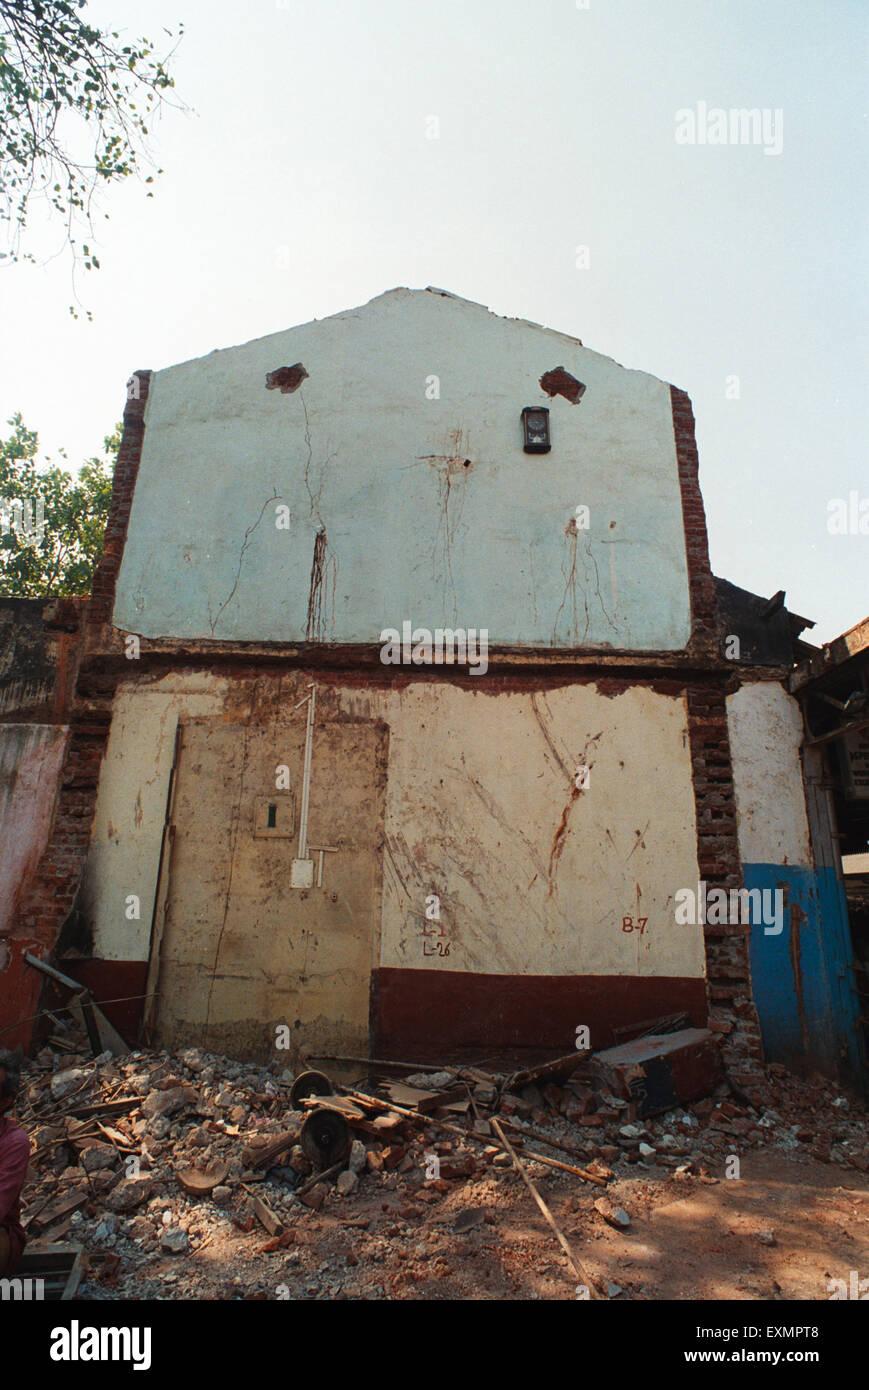 demolished house Dadar Bombay Mumbai Maharashtra India - Stock Image